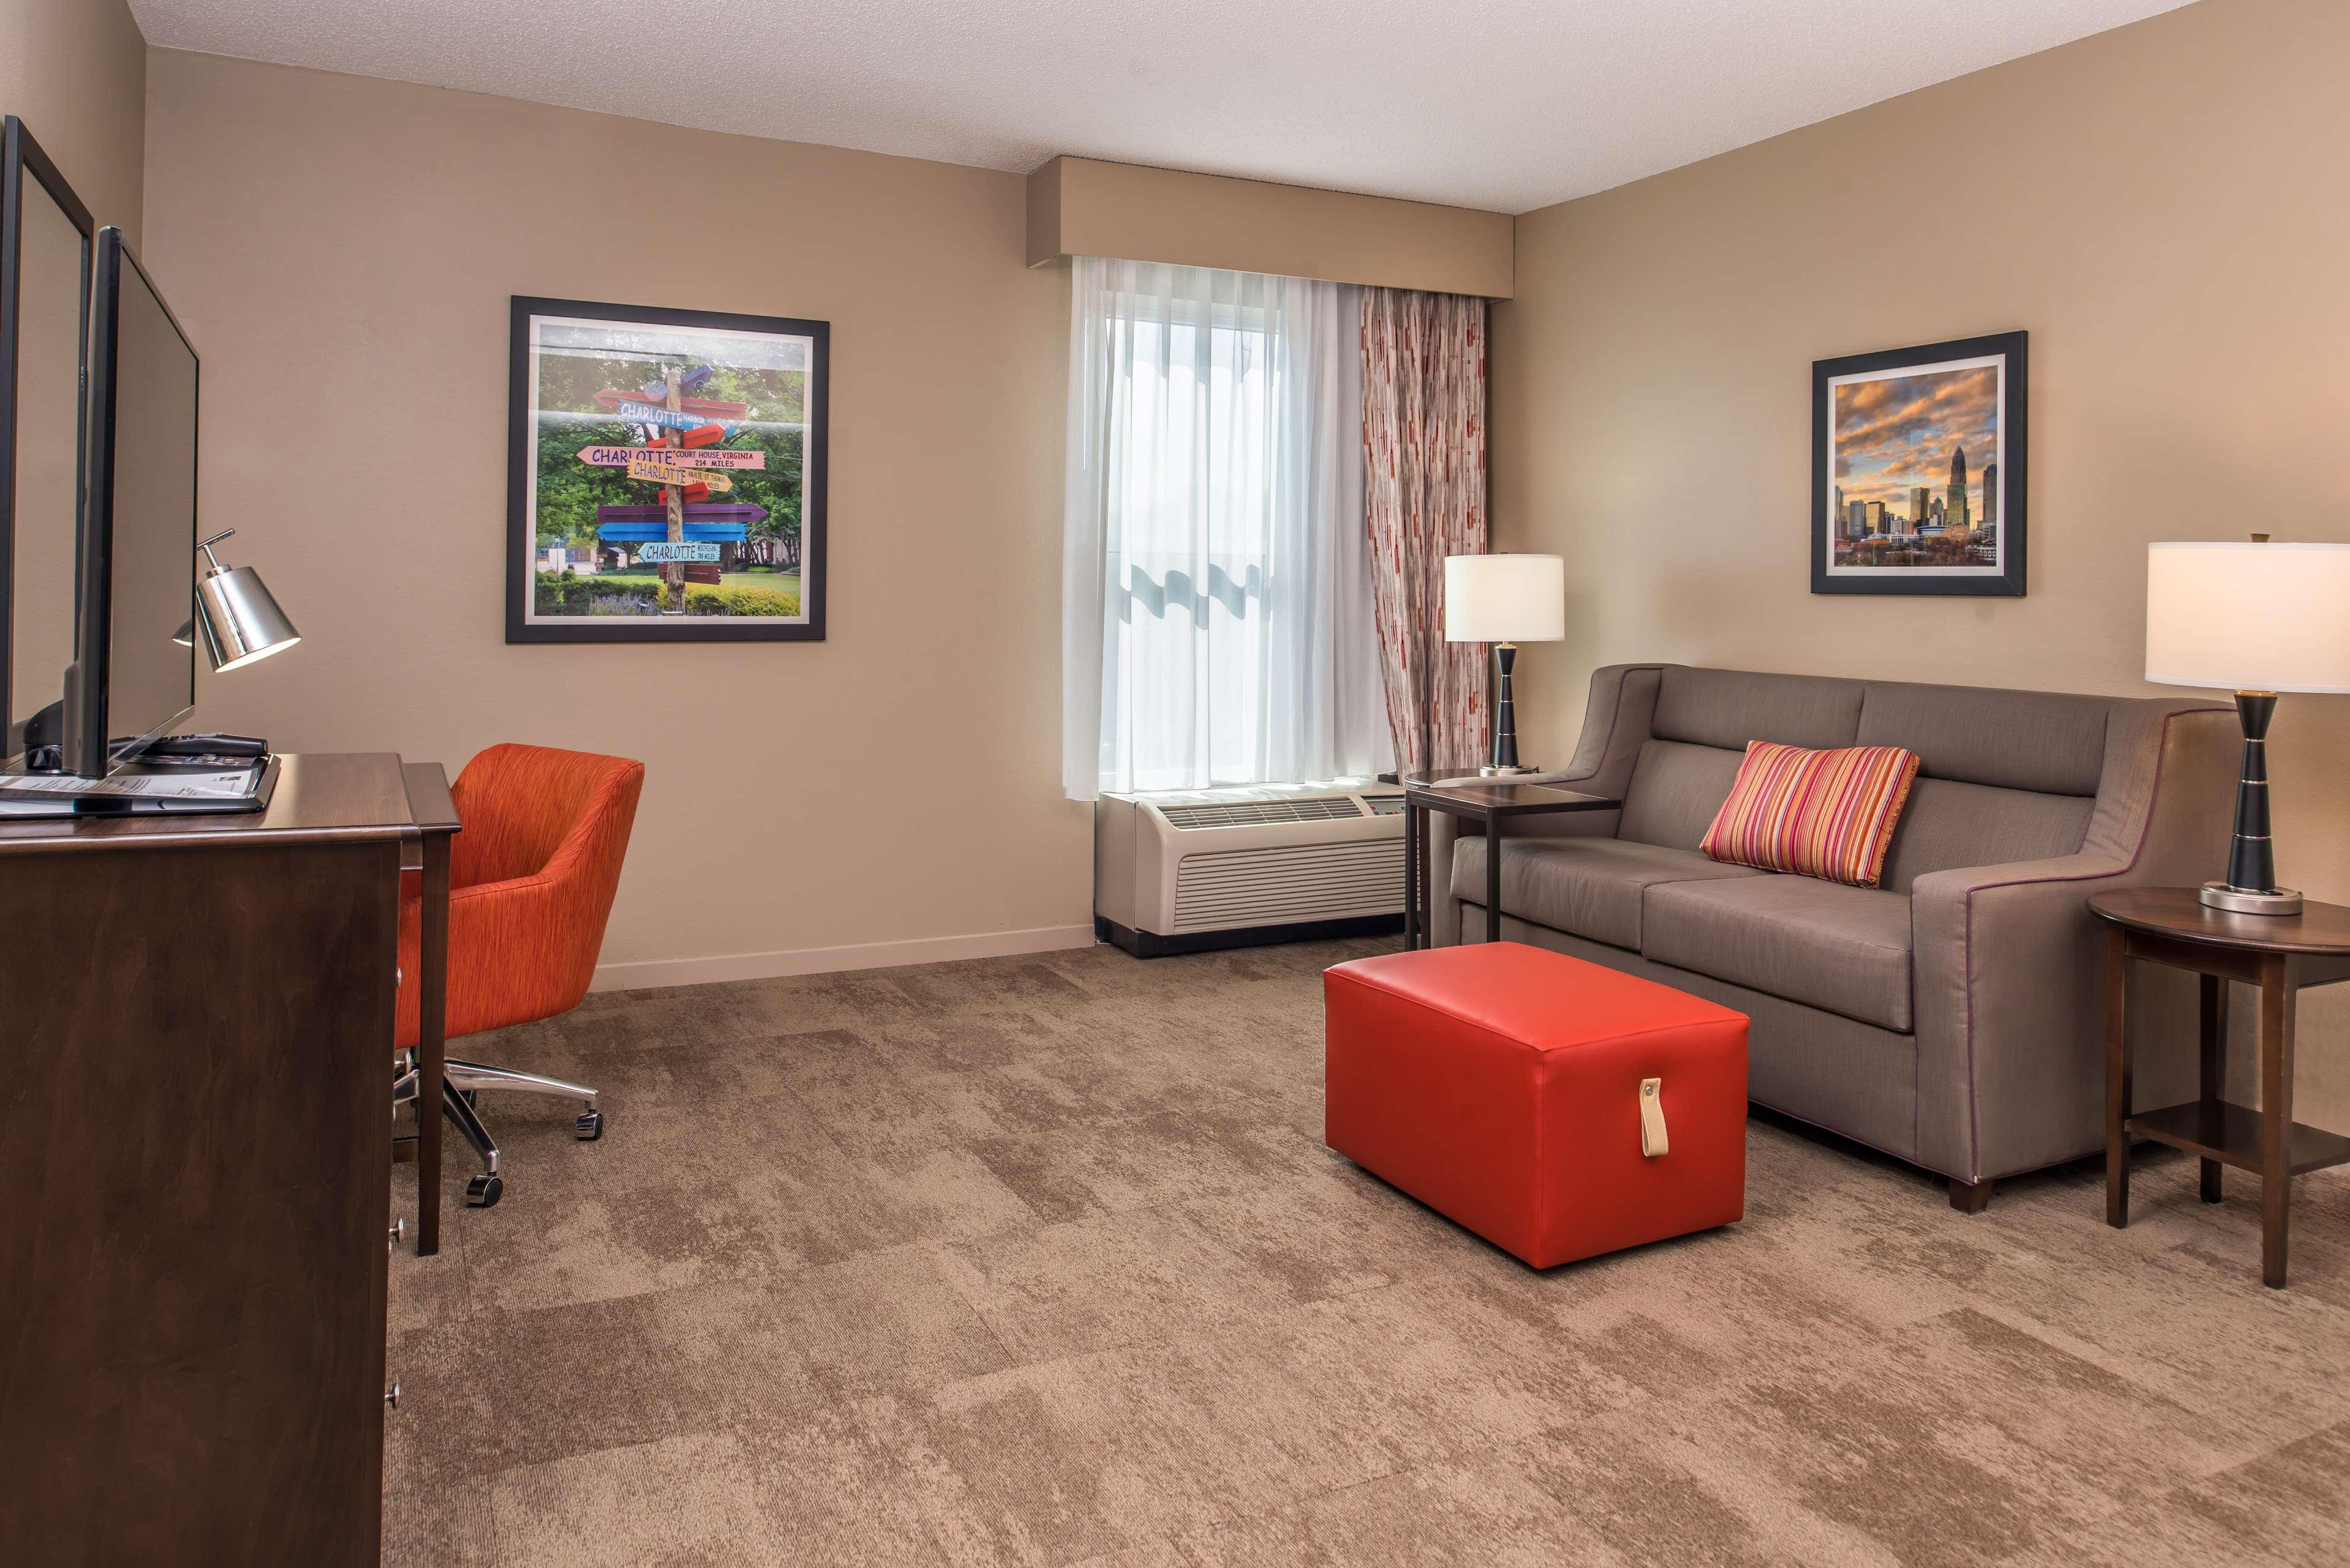 Hampton Inn & Suites Charlotte-Arrowood Rd. image 48